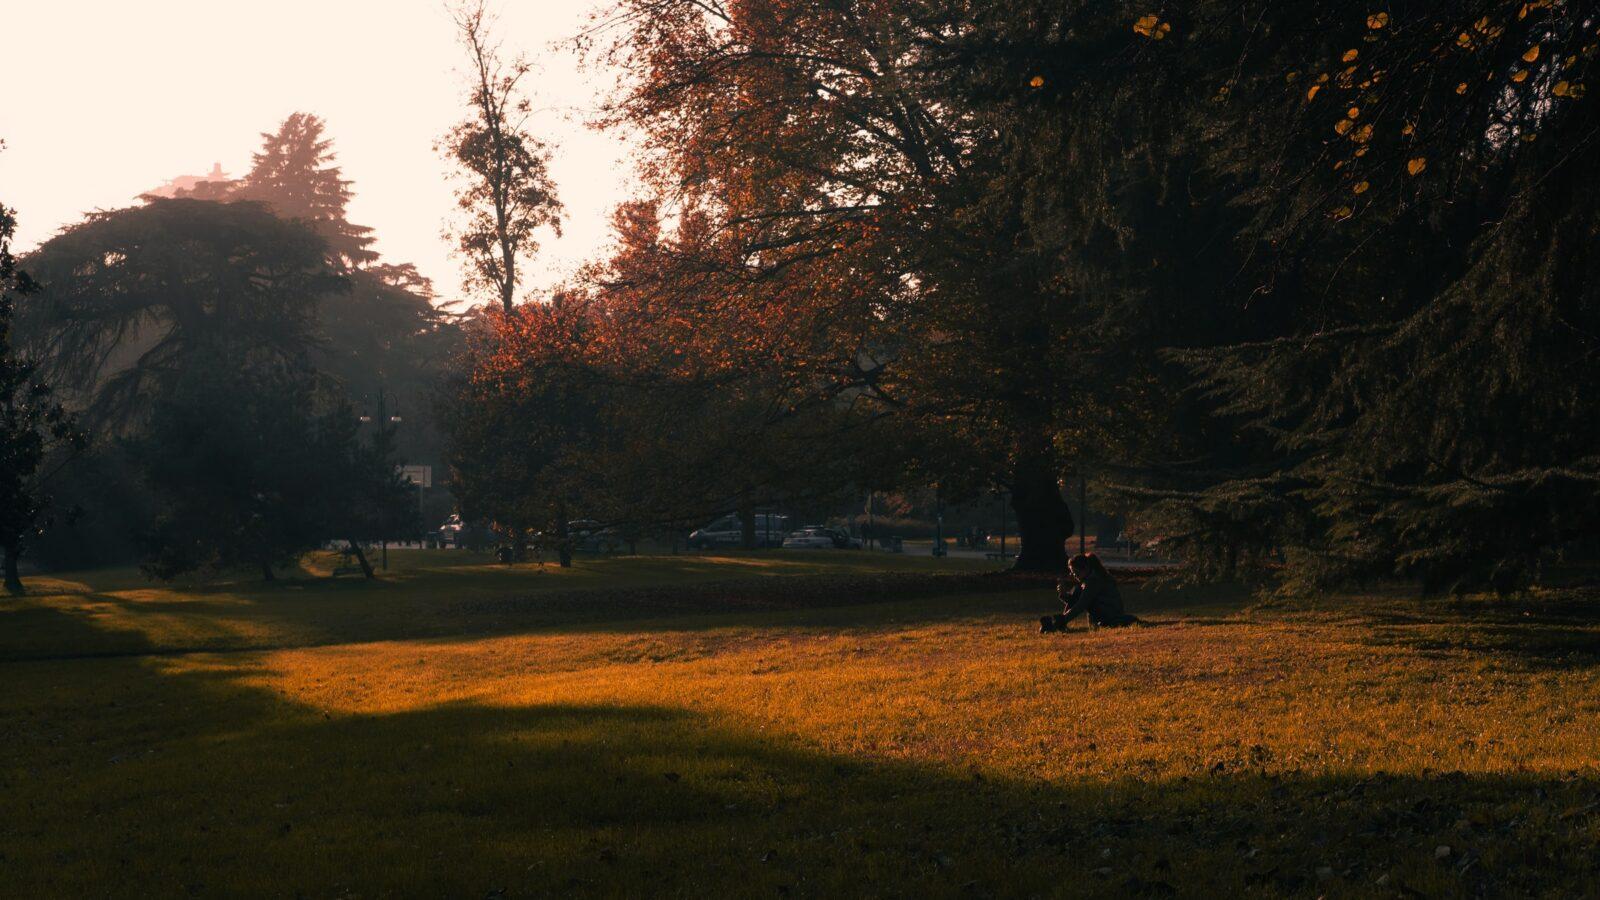 Quiet Parks International